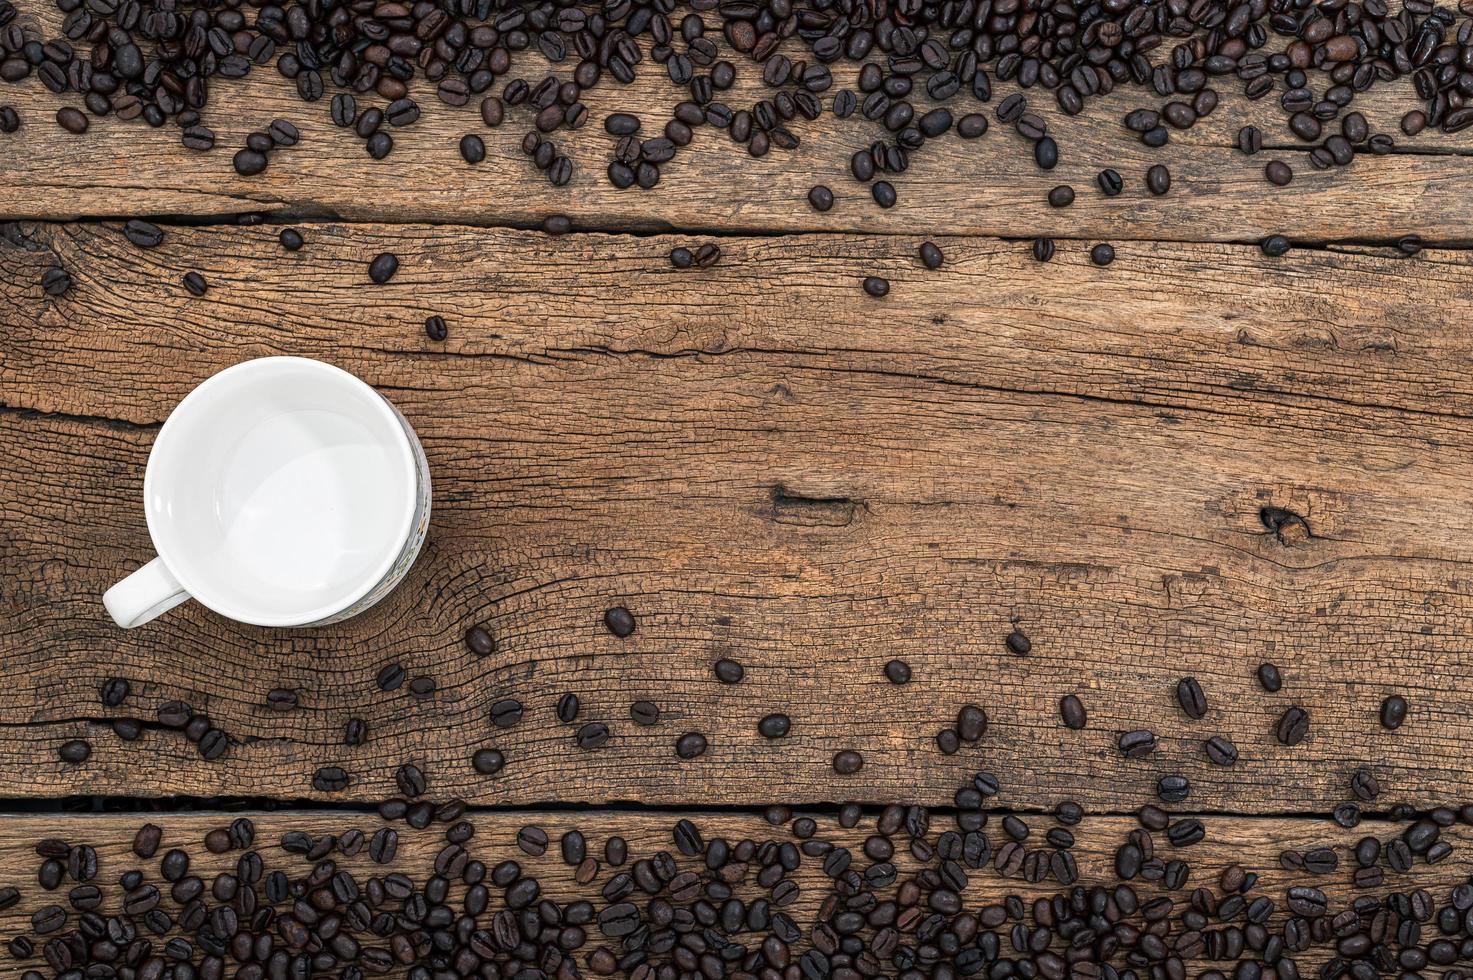 caneca vazia e grãos de café na mesa foto